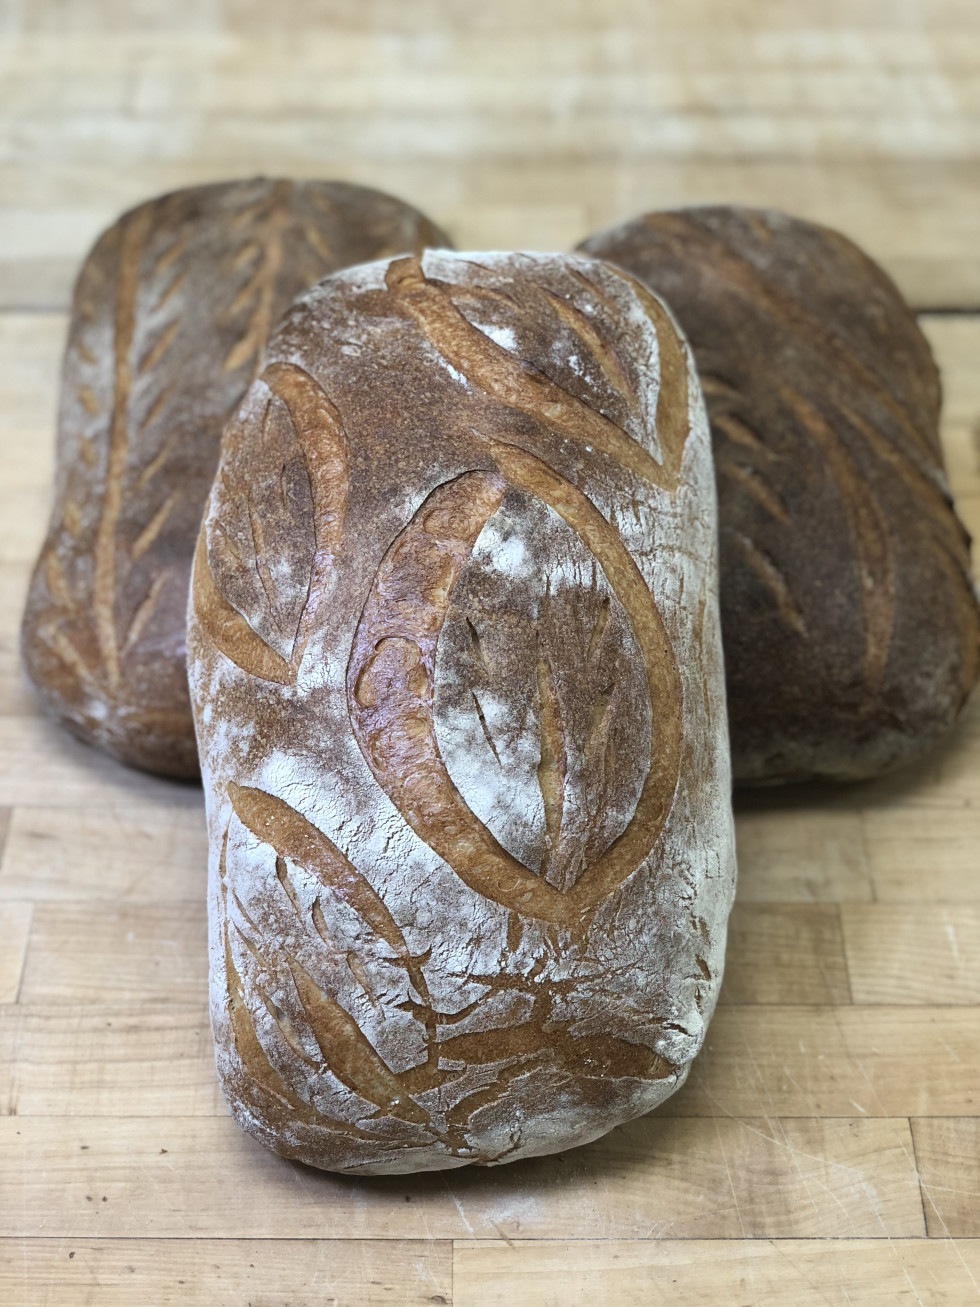 Bread Man Baking Company Greek village bread